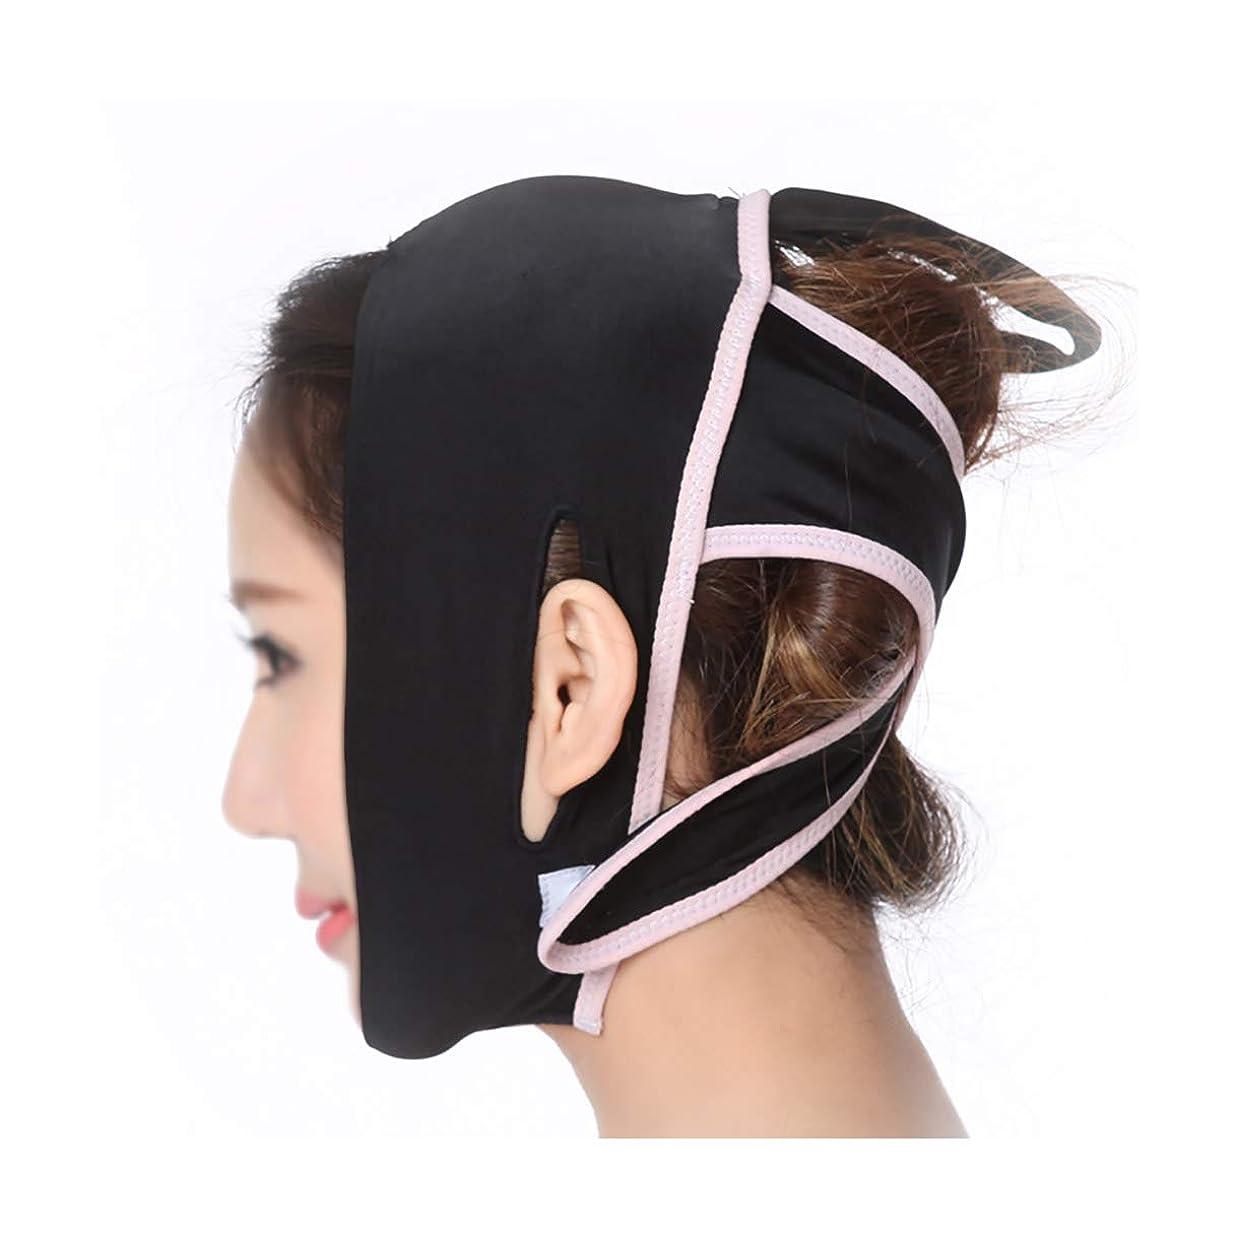 鋼水平繁雑GLJJQMY ファーミングマスク薄い顔薄い顔薄い顔アーティファクト顔薄い顔マスクv顔薄い顔マスク顔薄い顔楽器 顔用整形マスク (Size : S)